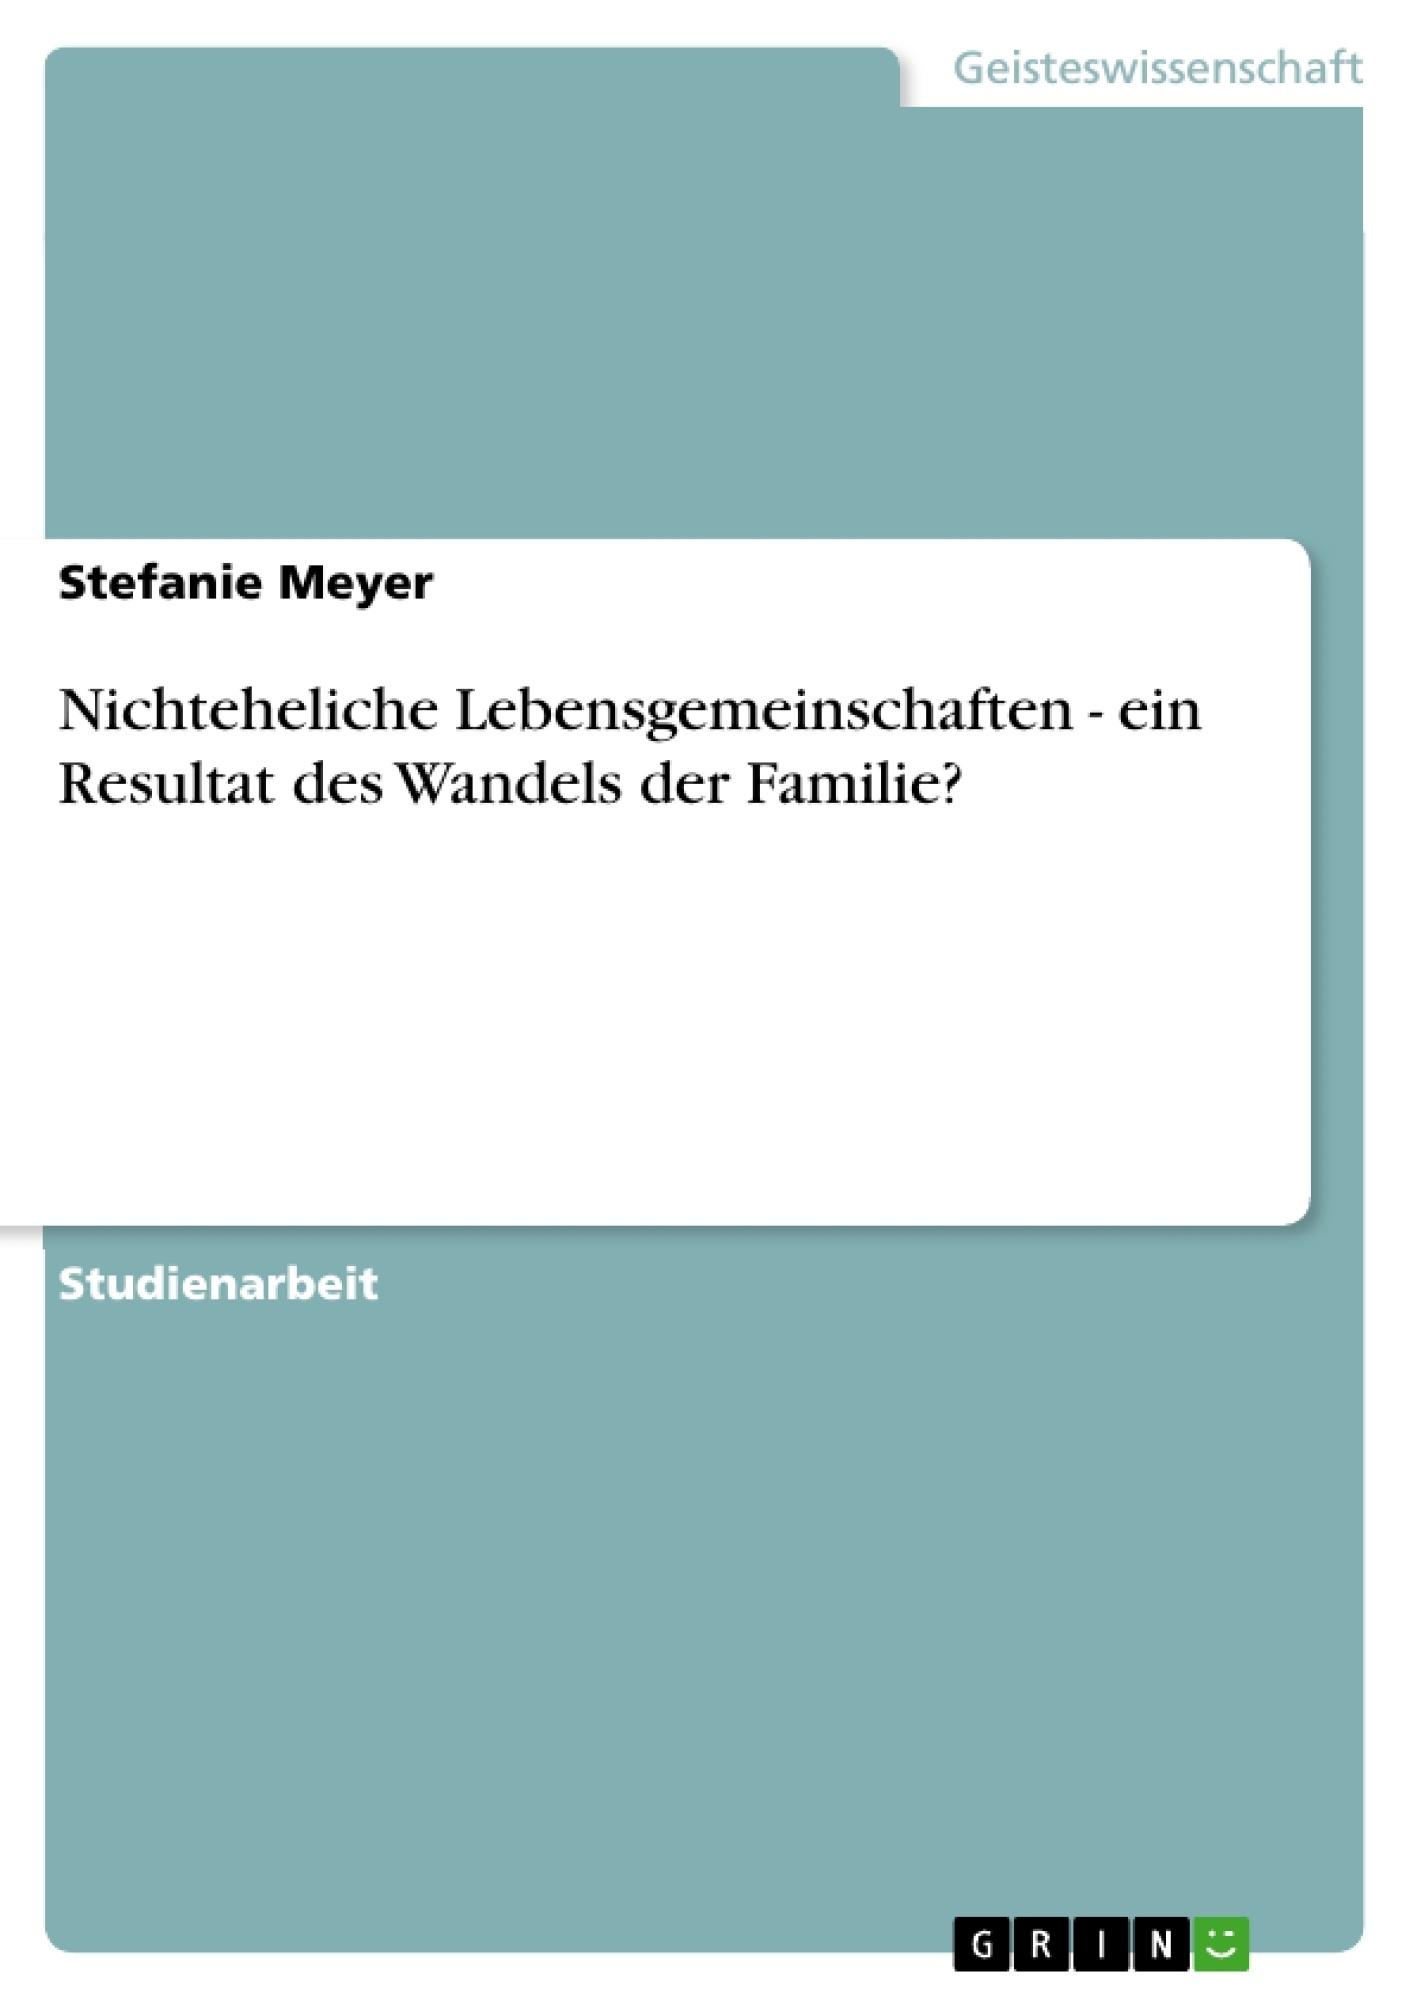 Titel: Nichteheliche Lebensgemeinschaften - ein Resultat des Wandels der Familie?